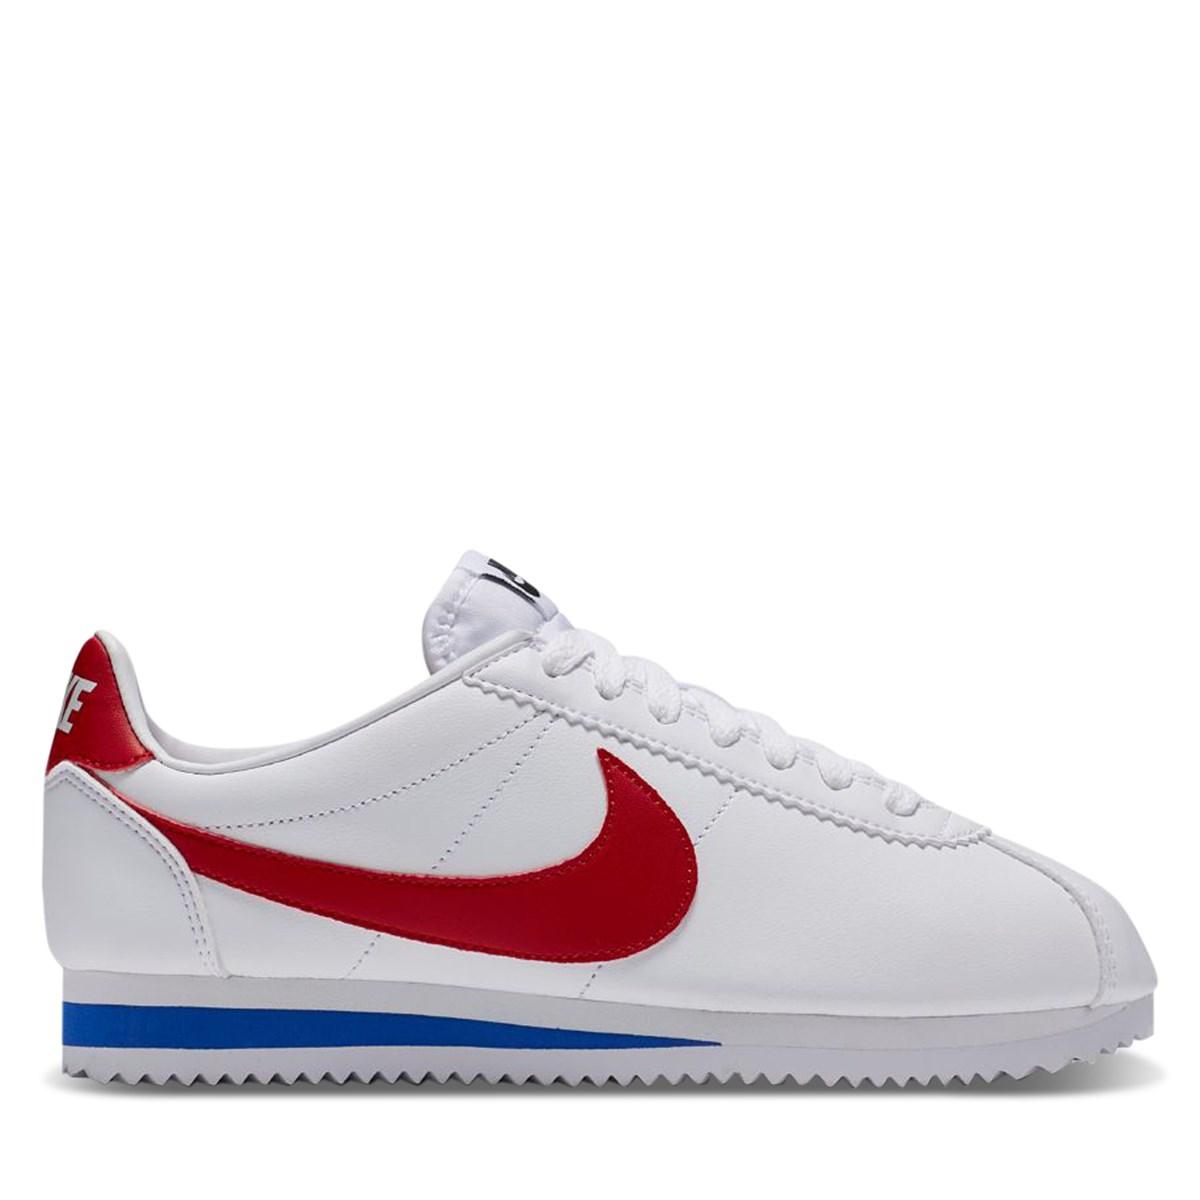 Men's Classic Cortez Sneakers in White